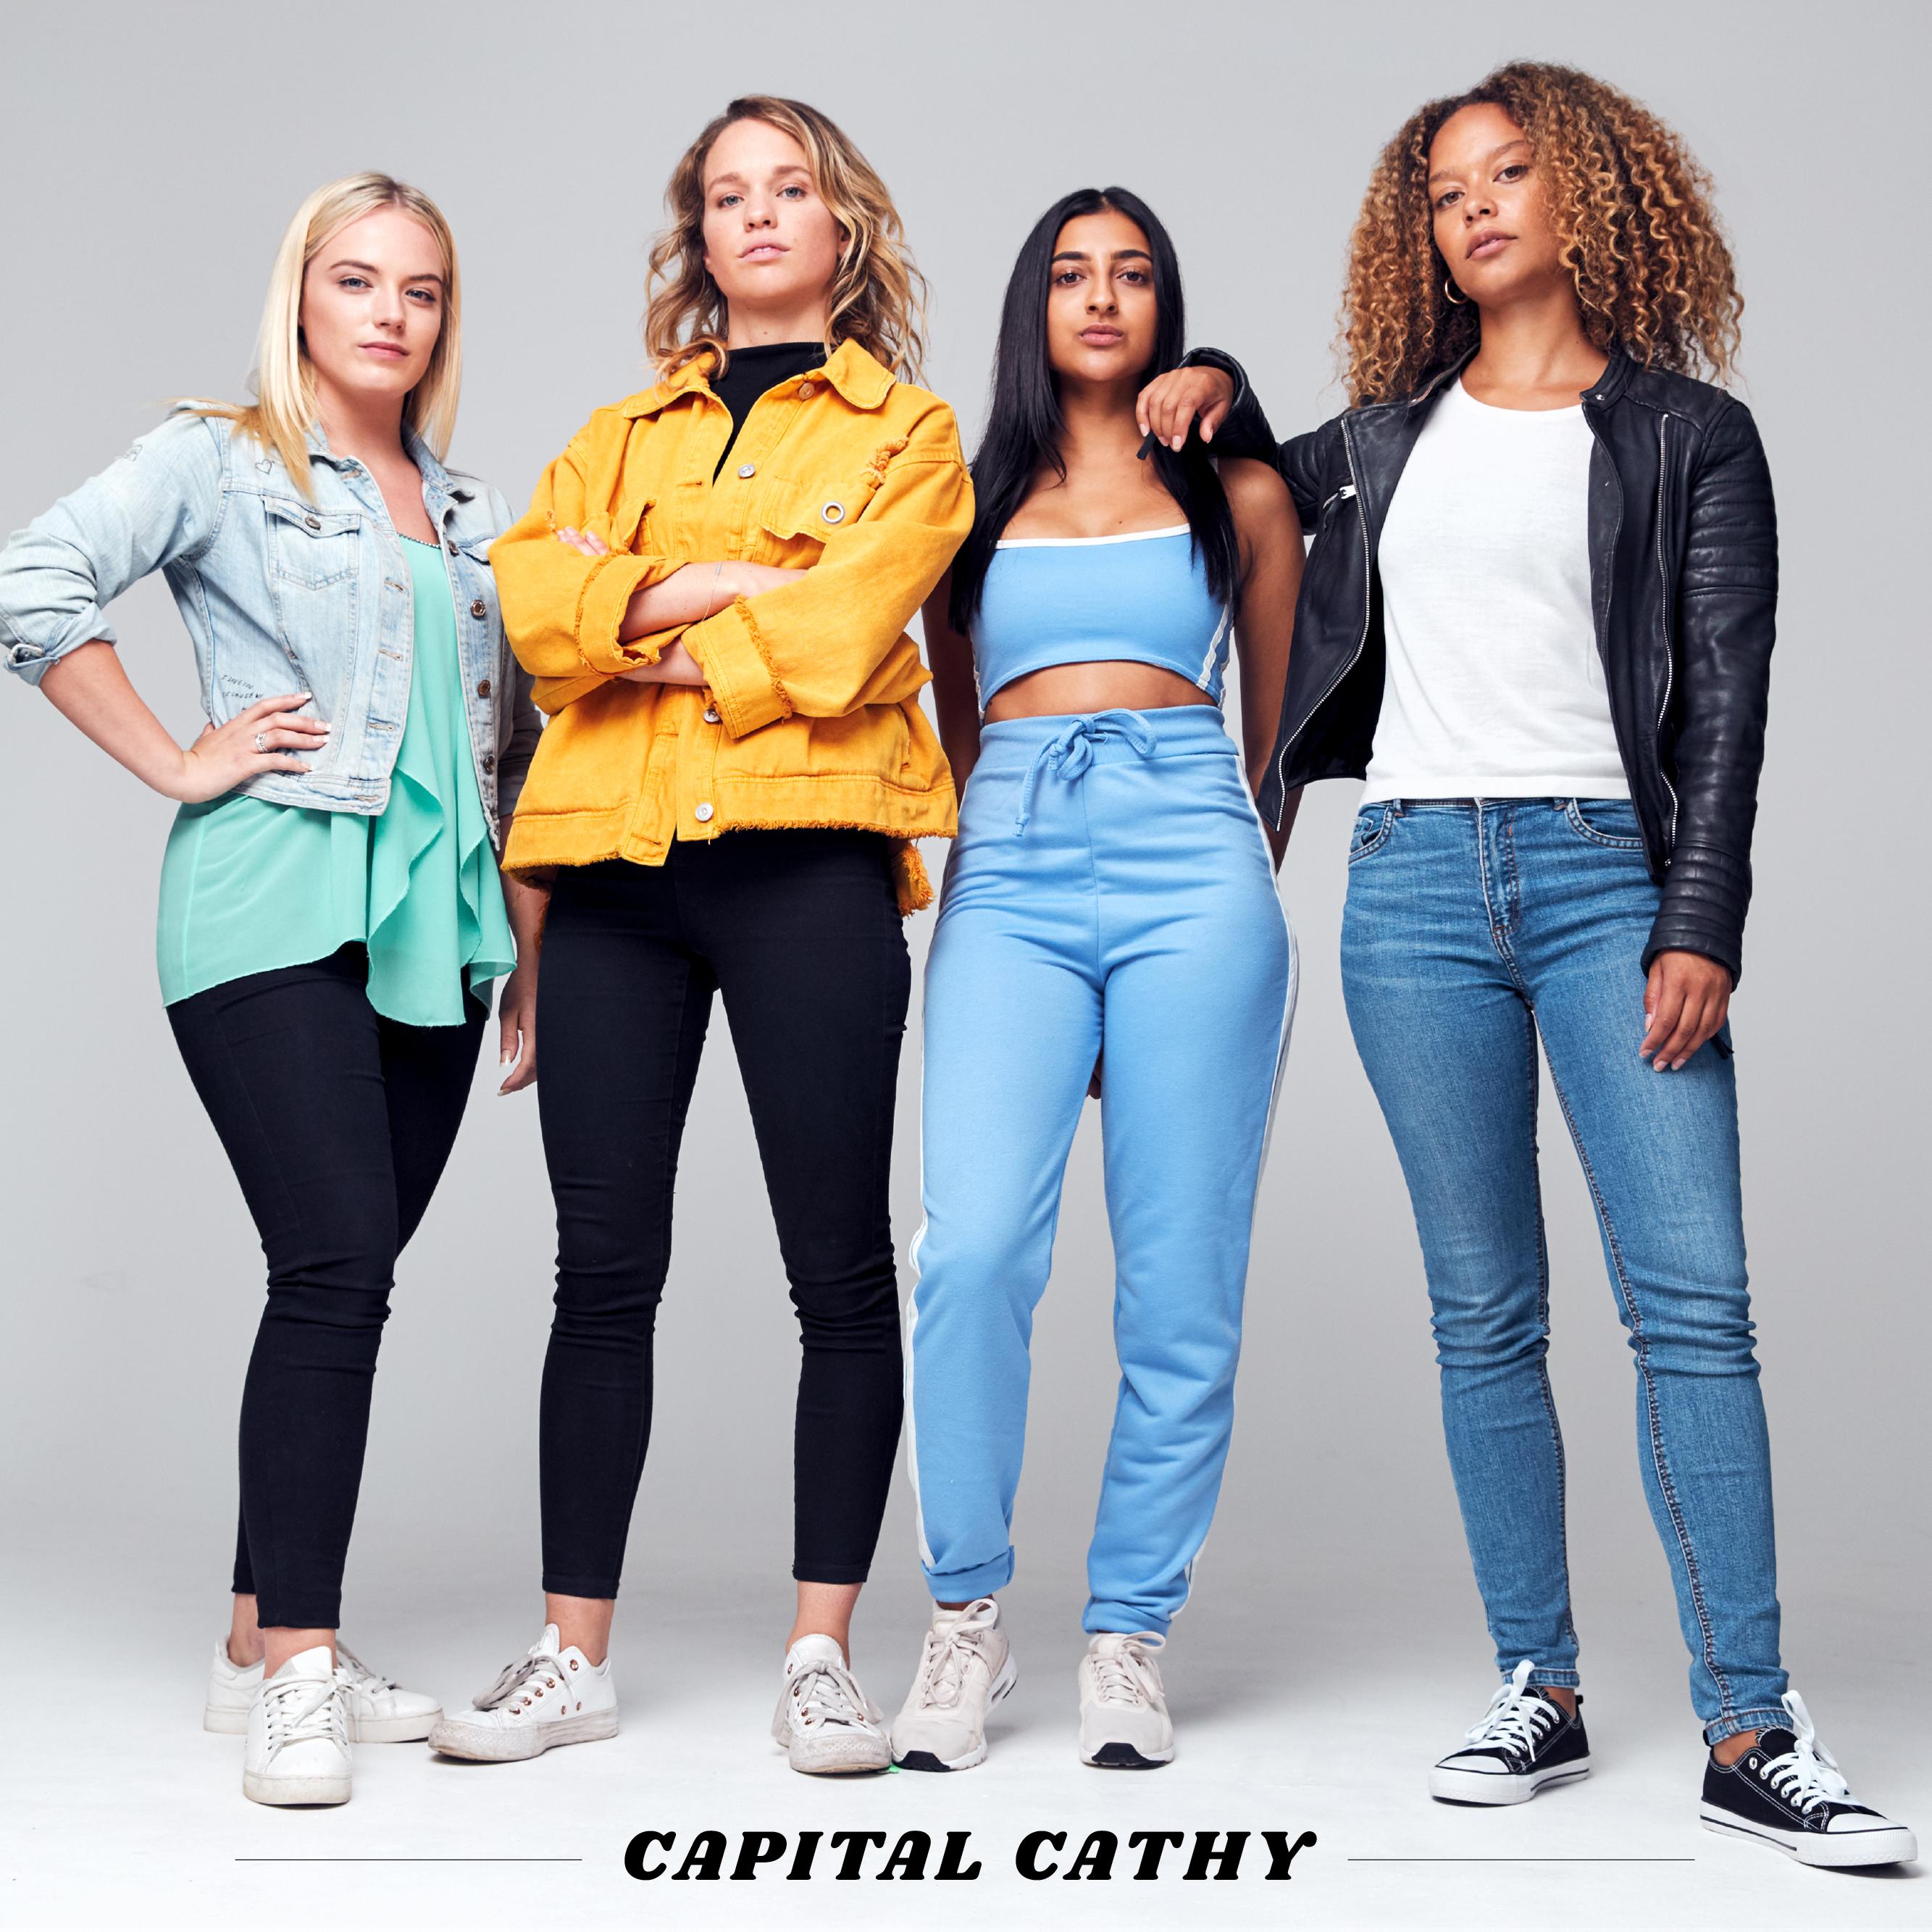 Capital Cathy show art